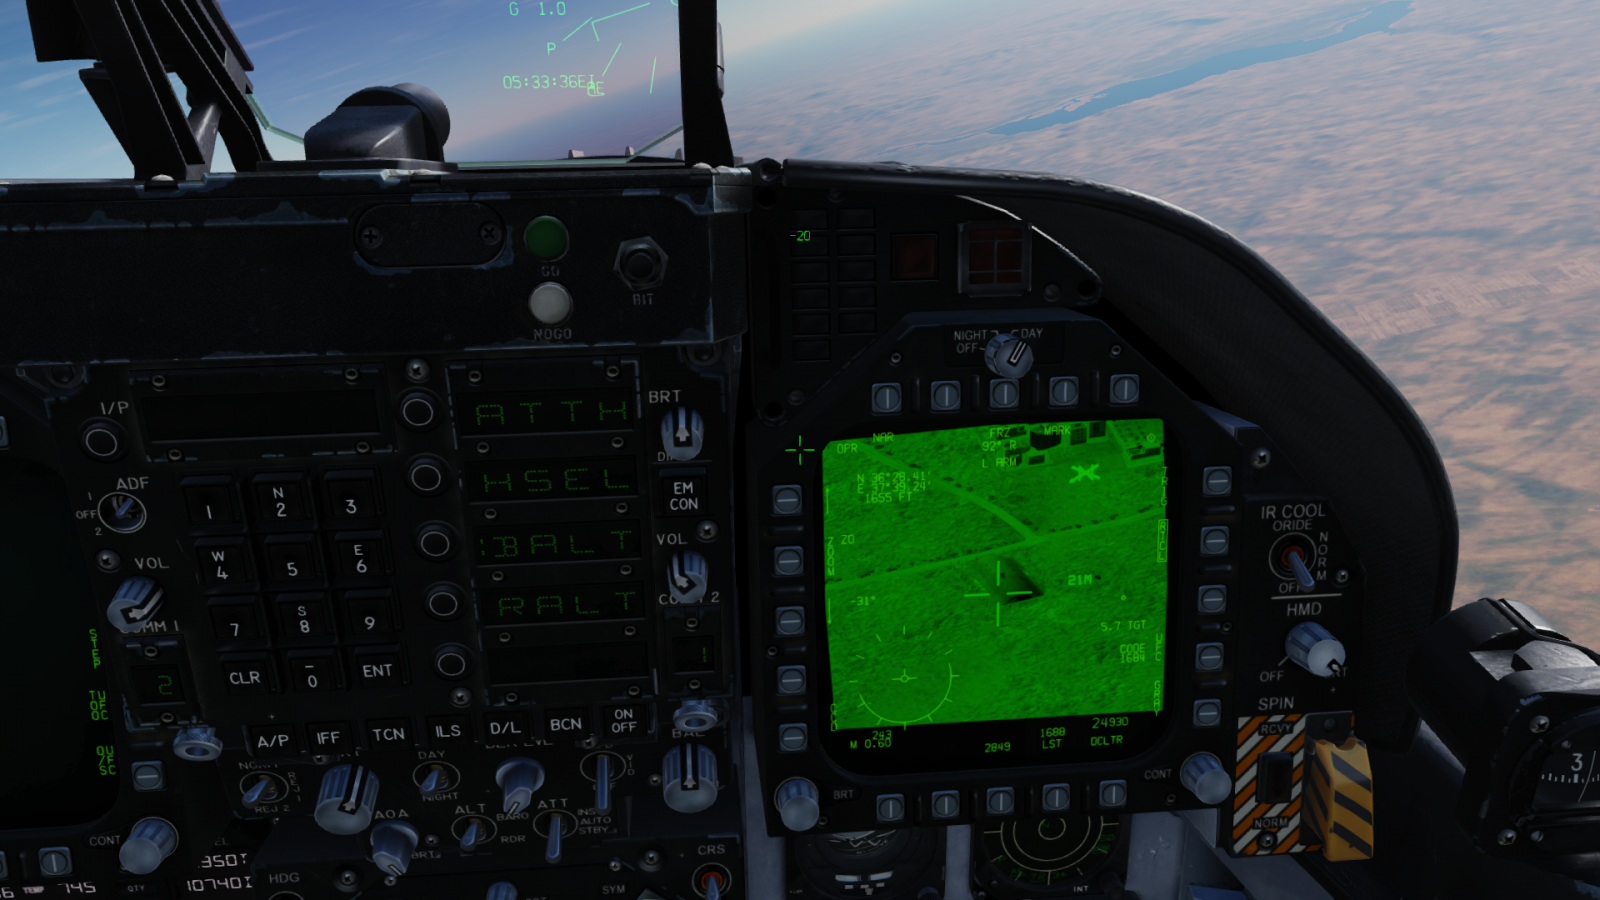 Digital_Combat_Simulator__Black_Shark_Screenshot_2020_10.07_-_00_08_44_68.png